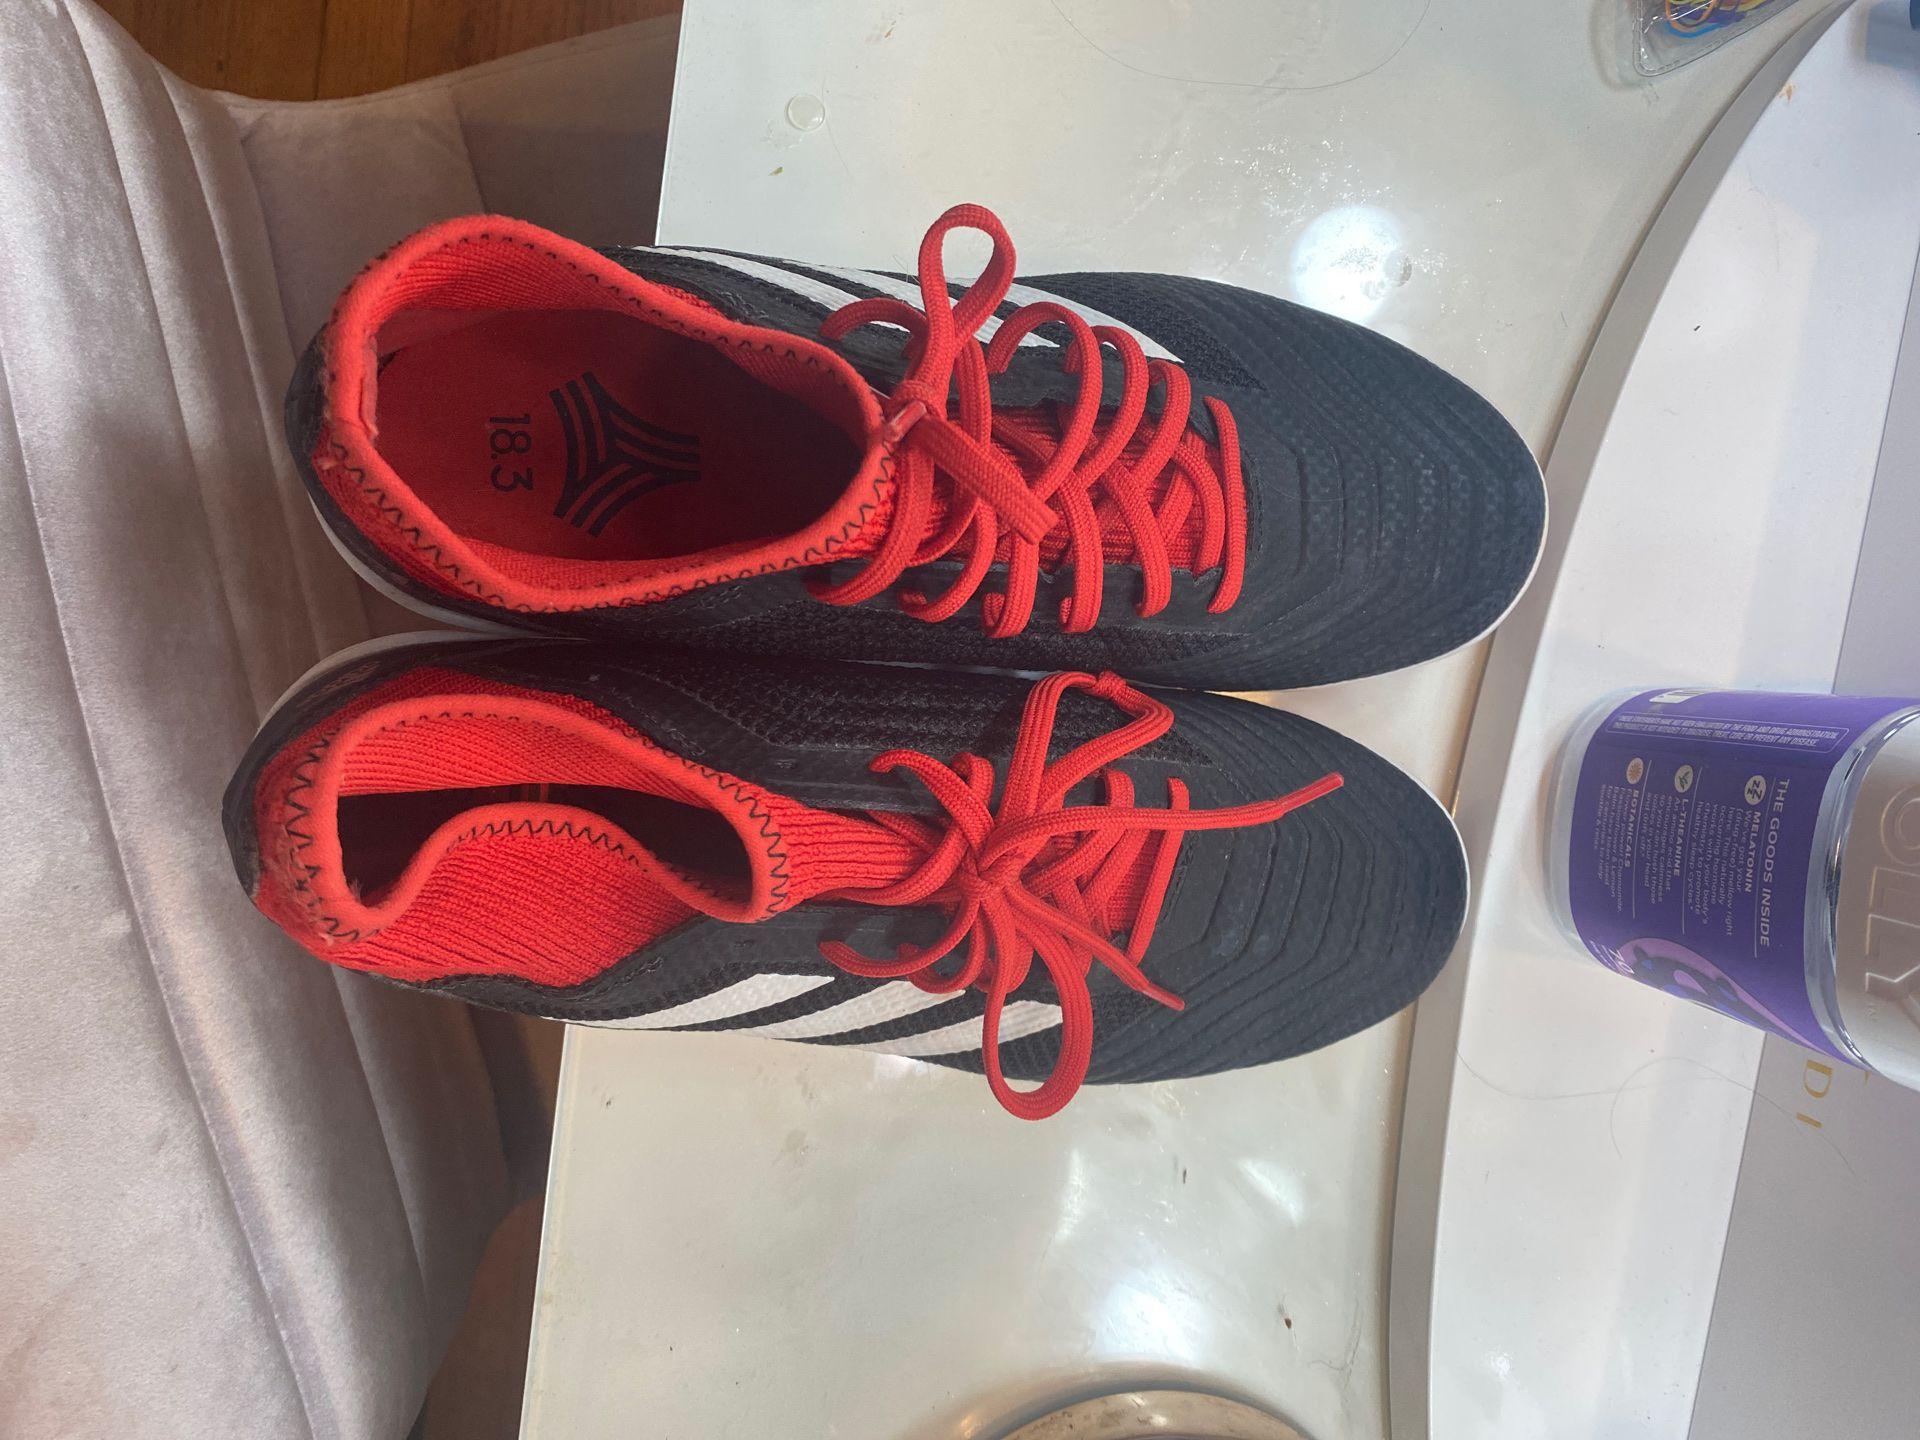 Soccer sneakers